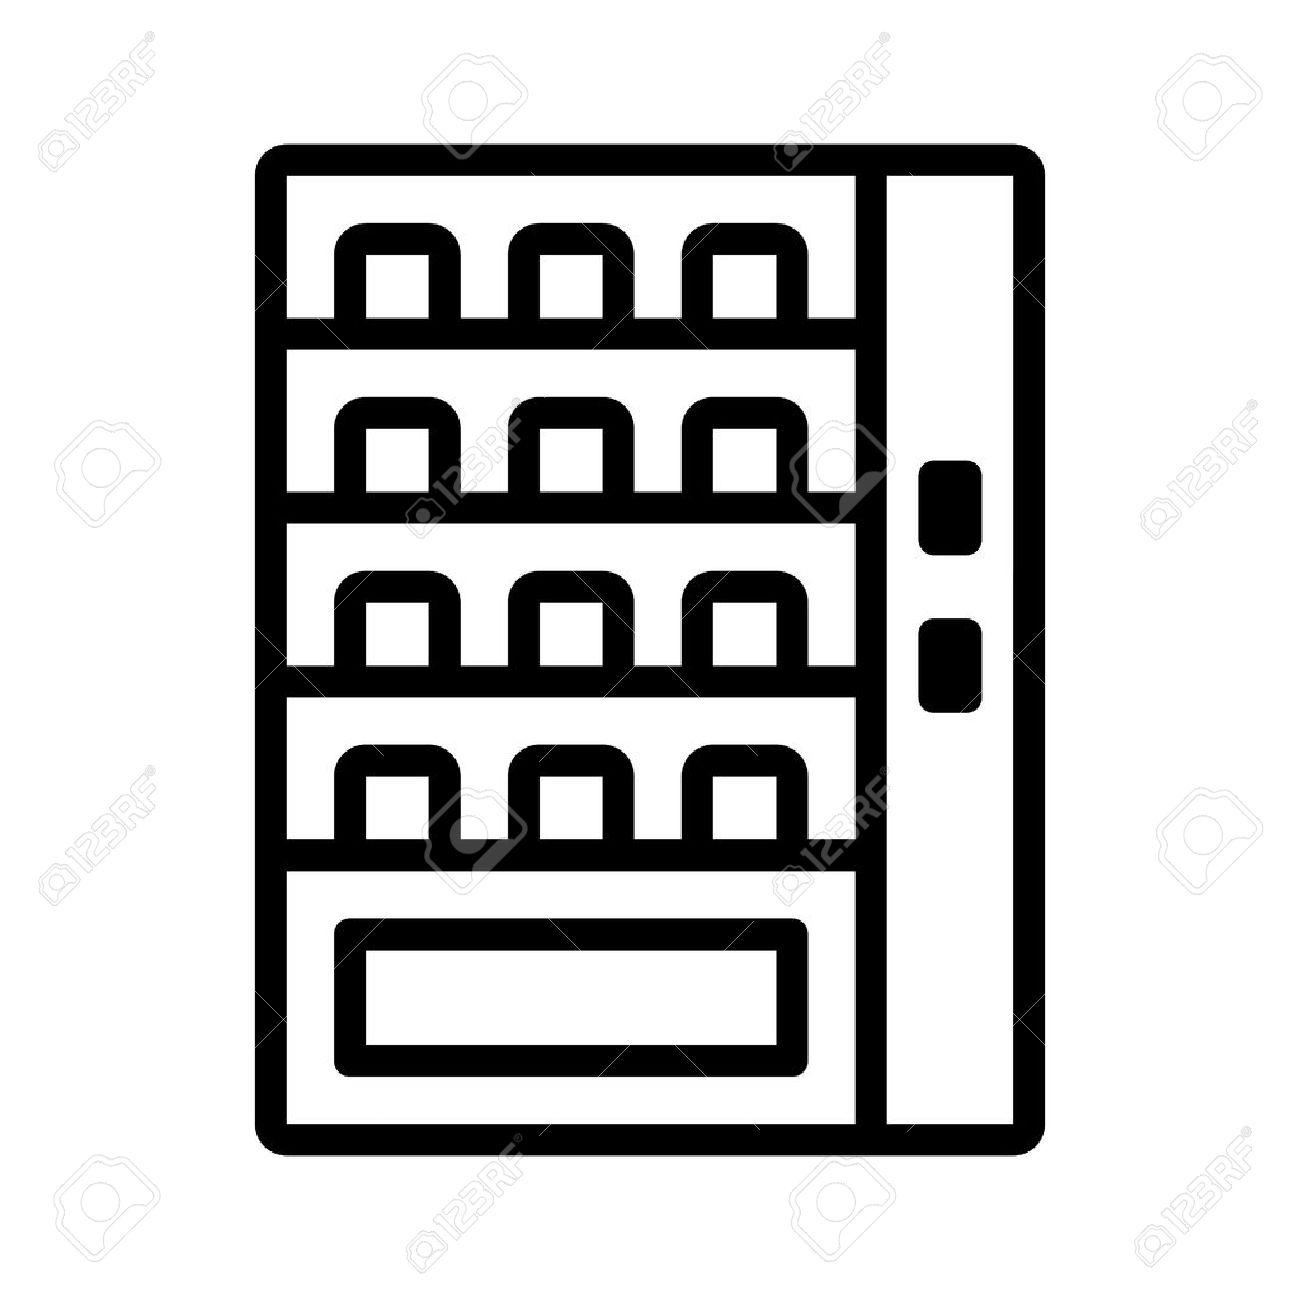 Automatische Verkaufsmaschine Line Art Symbol Für Anwendungen Und ...